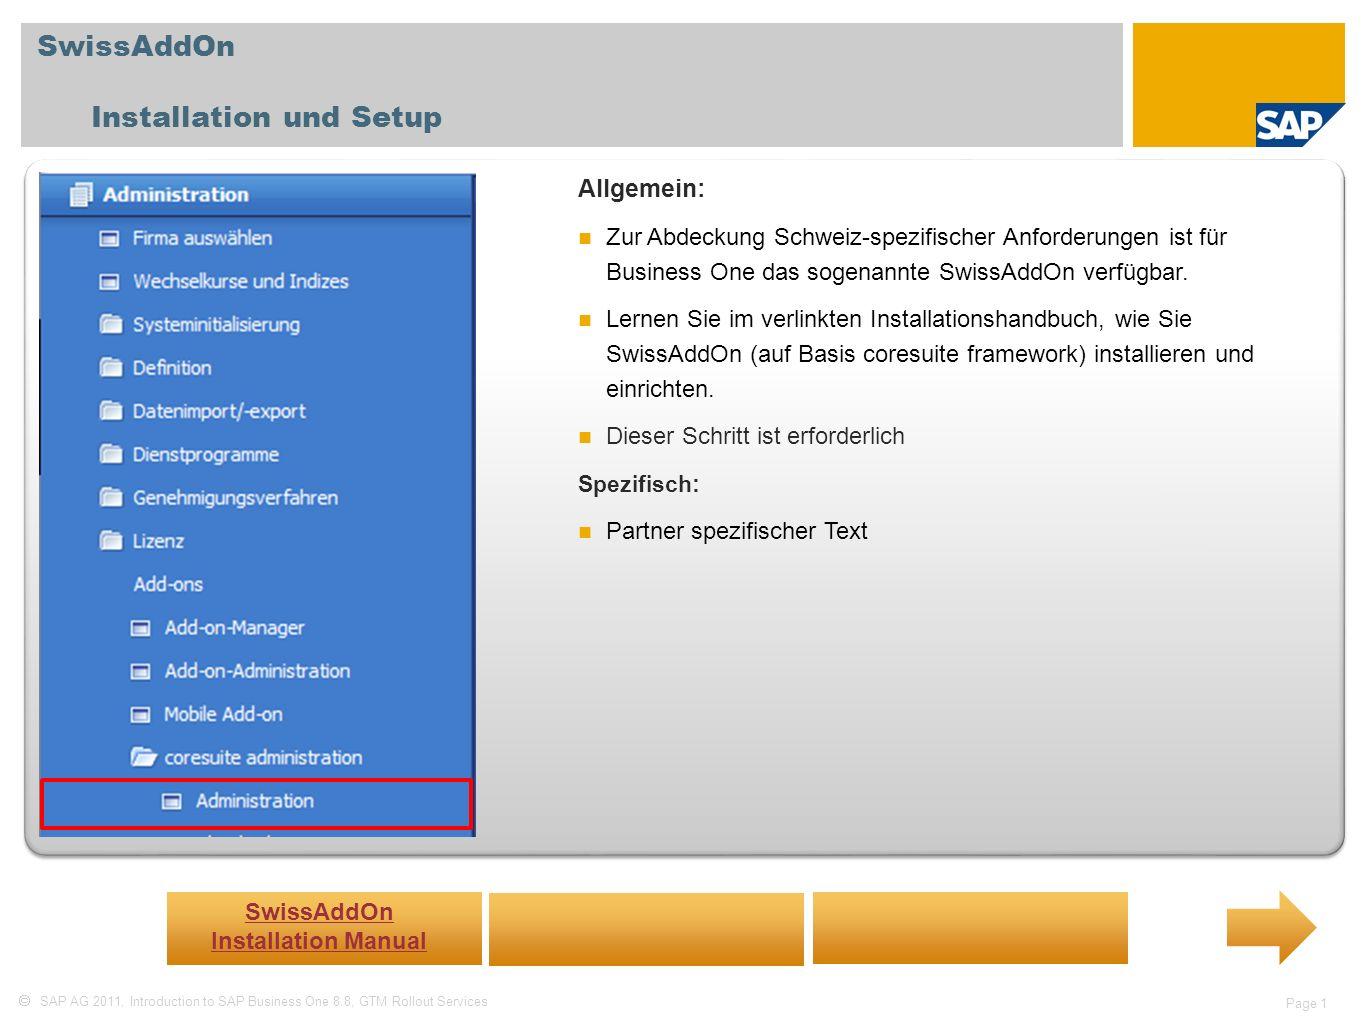 SAP AG 2011, Introduction to SAP Business One 8.8, GTM Rollout Services Page 1 SwissAddOn Installation und Setup Allgemein: Zur Abdeckung Schweiz-spezifischer Anforderungen ist für Business One das sogenannte SwissAddOn verfügbar.